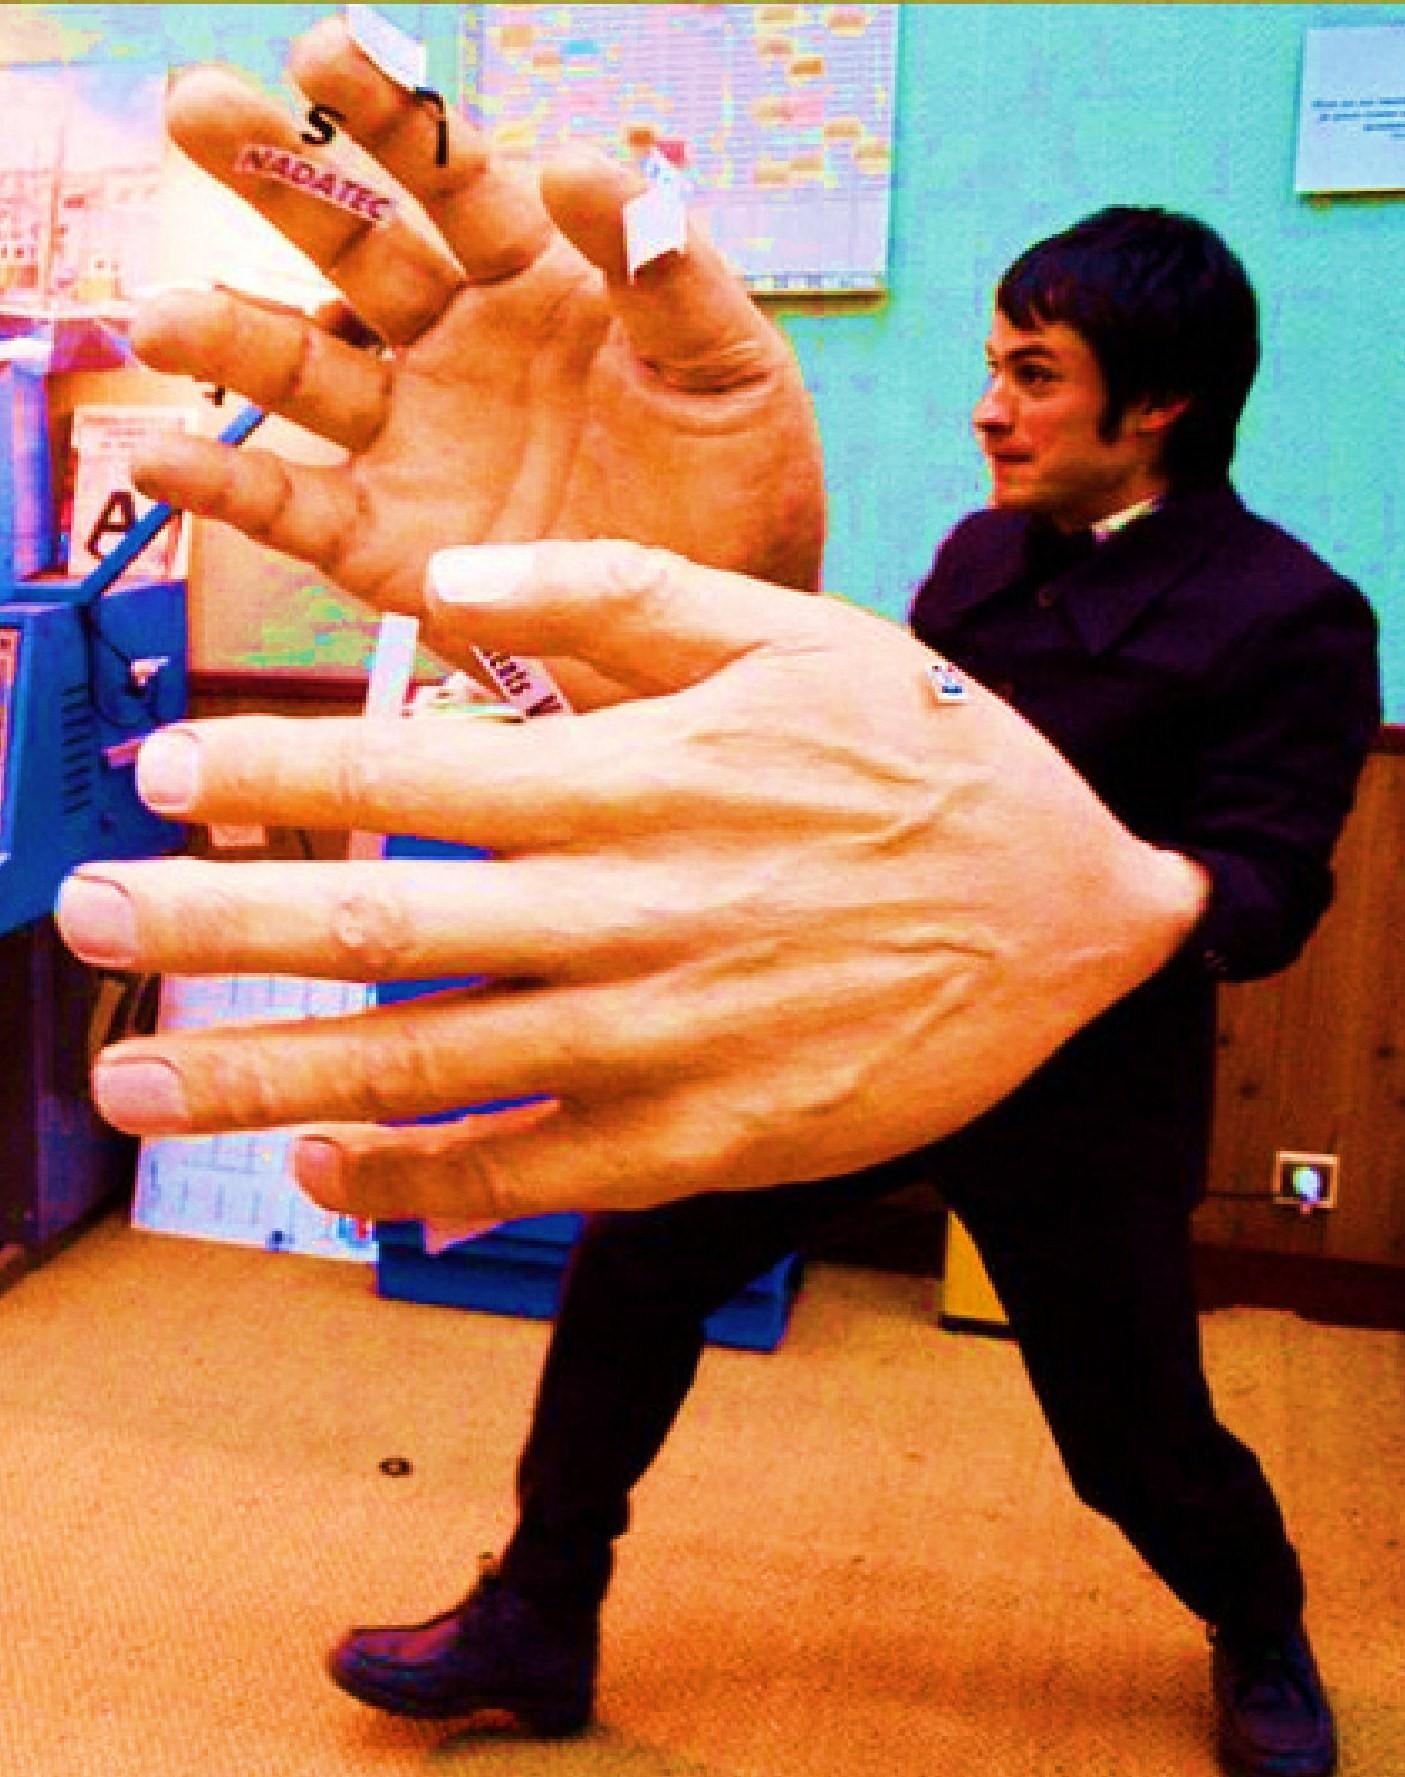 Biggest Hands